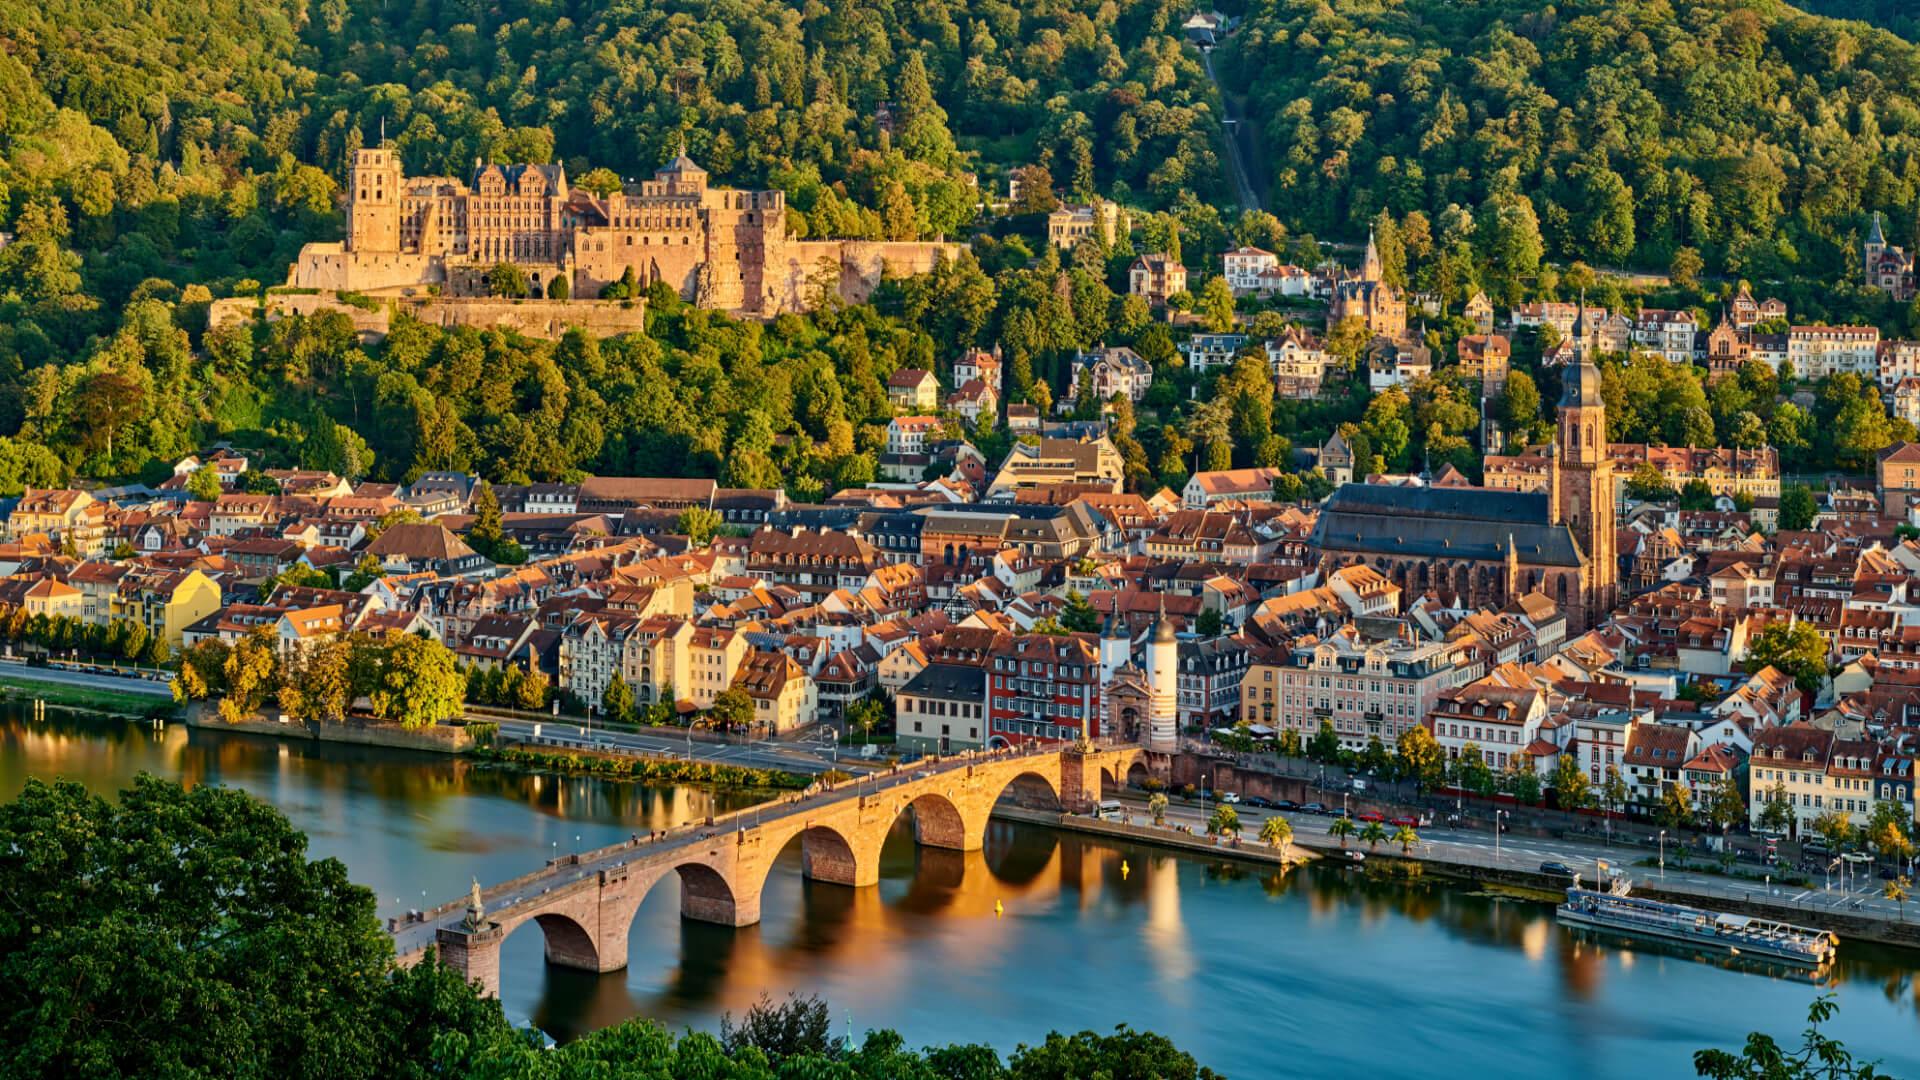 Almanya'nın Romantik Şehri Heidelberg